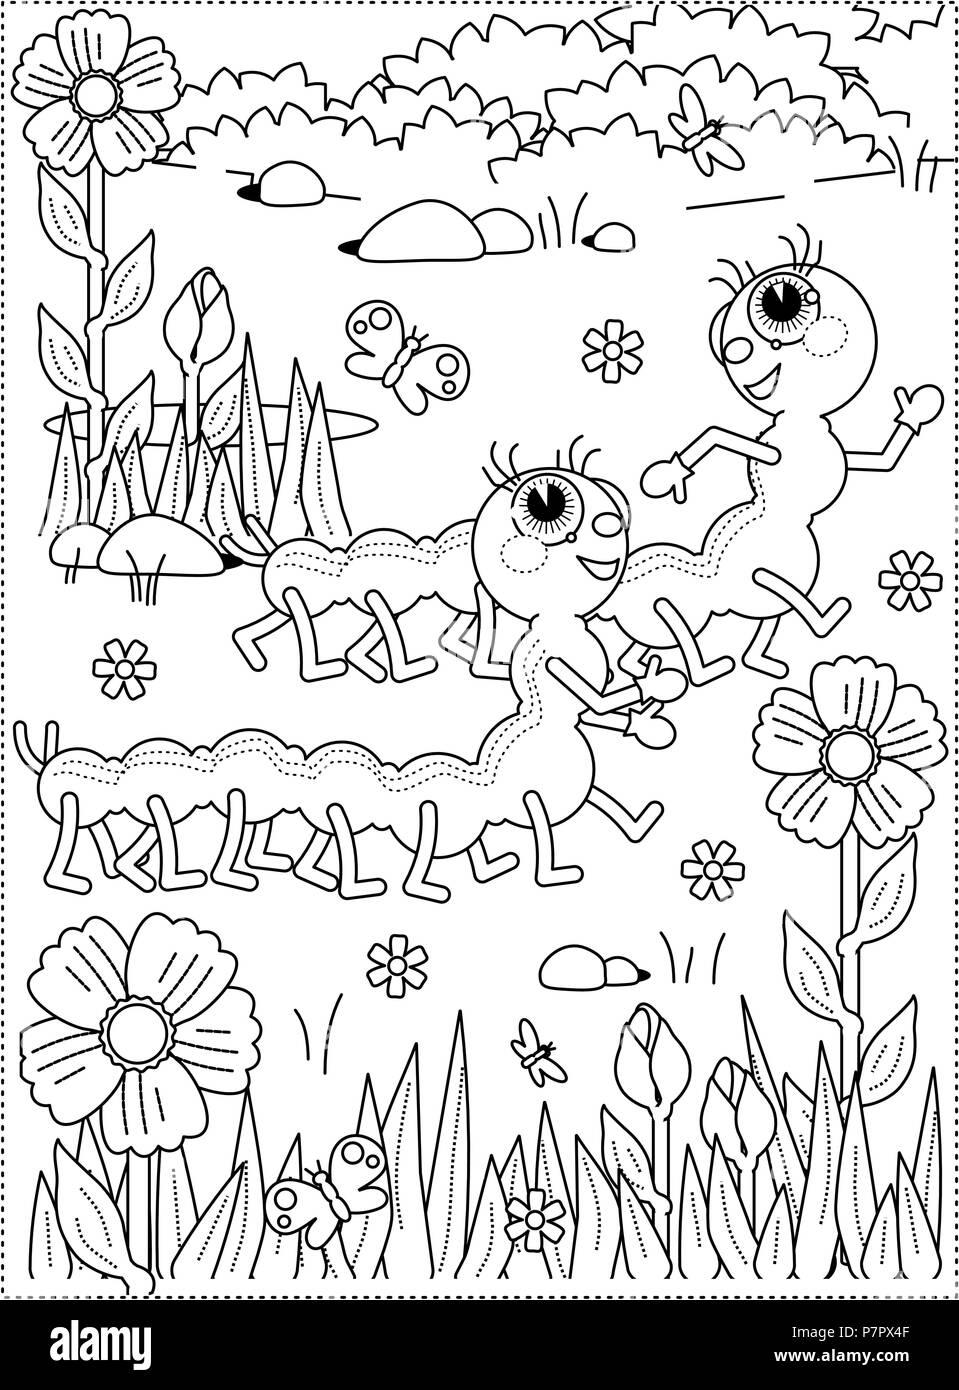 La alegría de la primavera o el verano para colorear temáticas ...